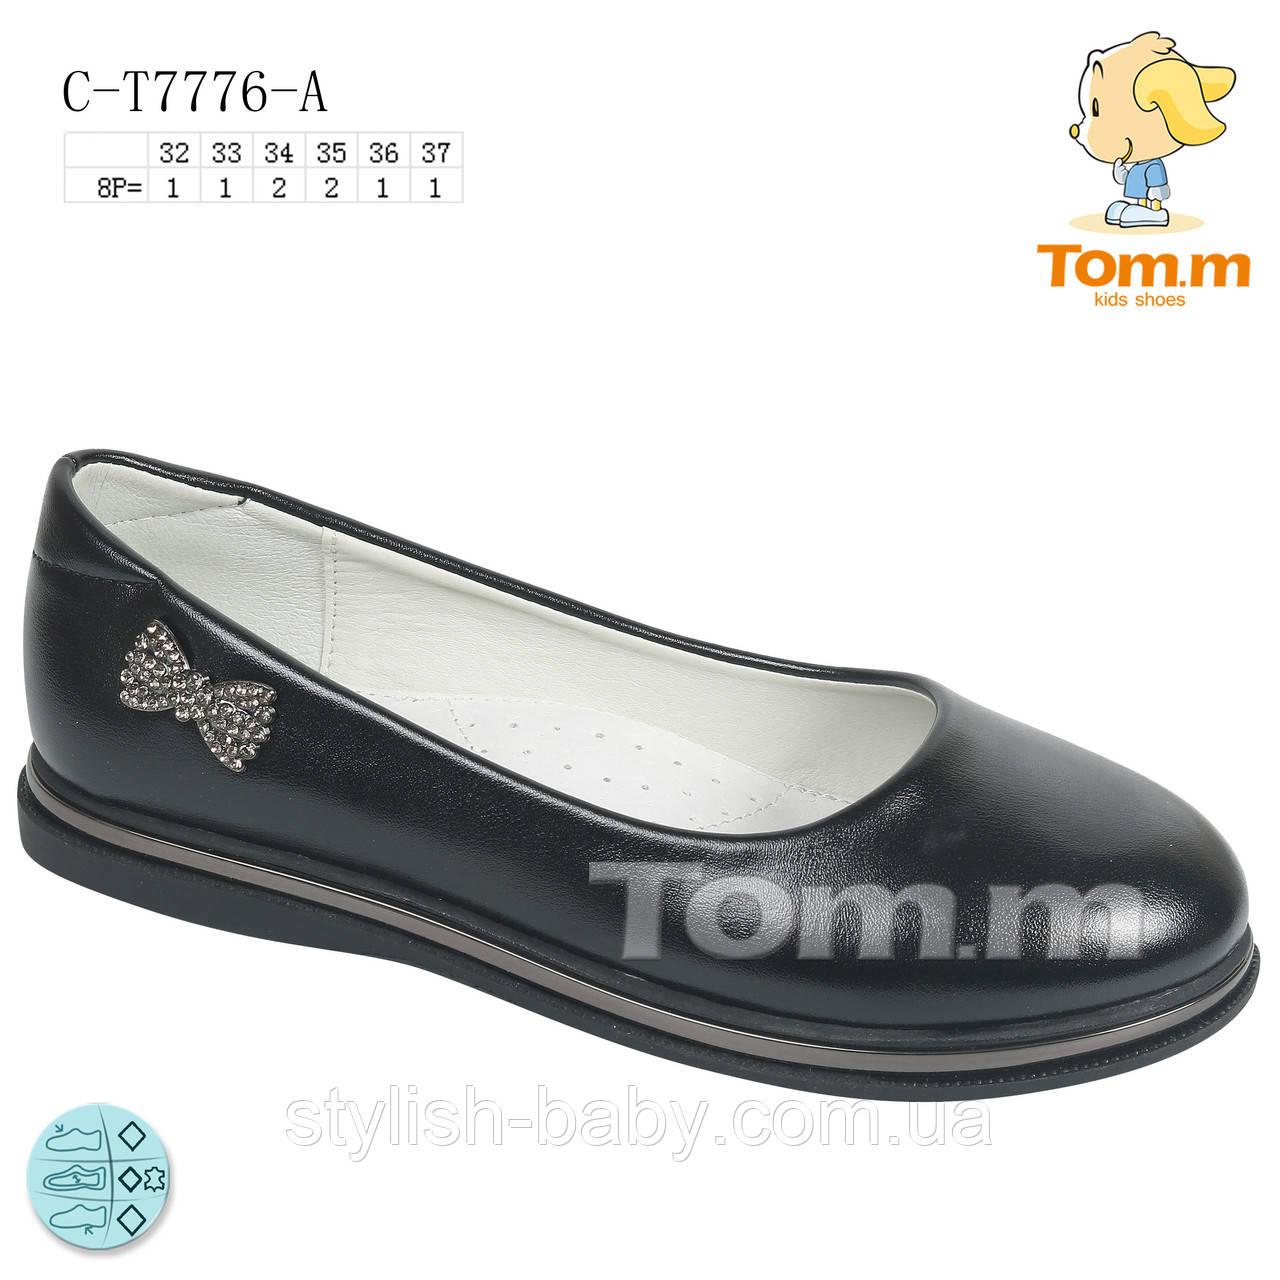 Детская обувь 2020 оптом. Детские туфли бренда Tom.m для девочек (рр. с 32 по 37)